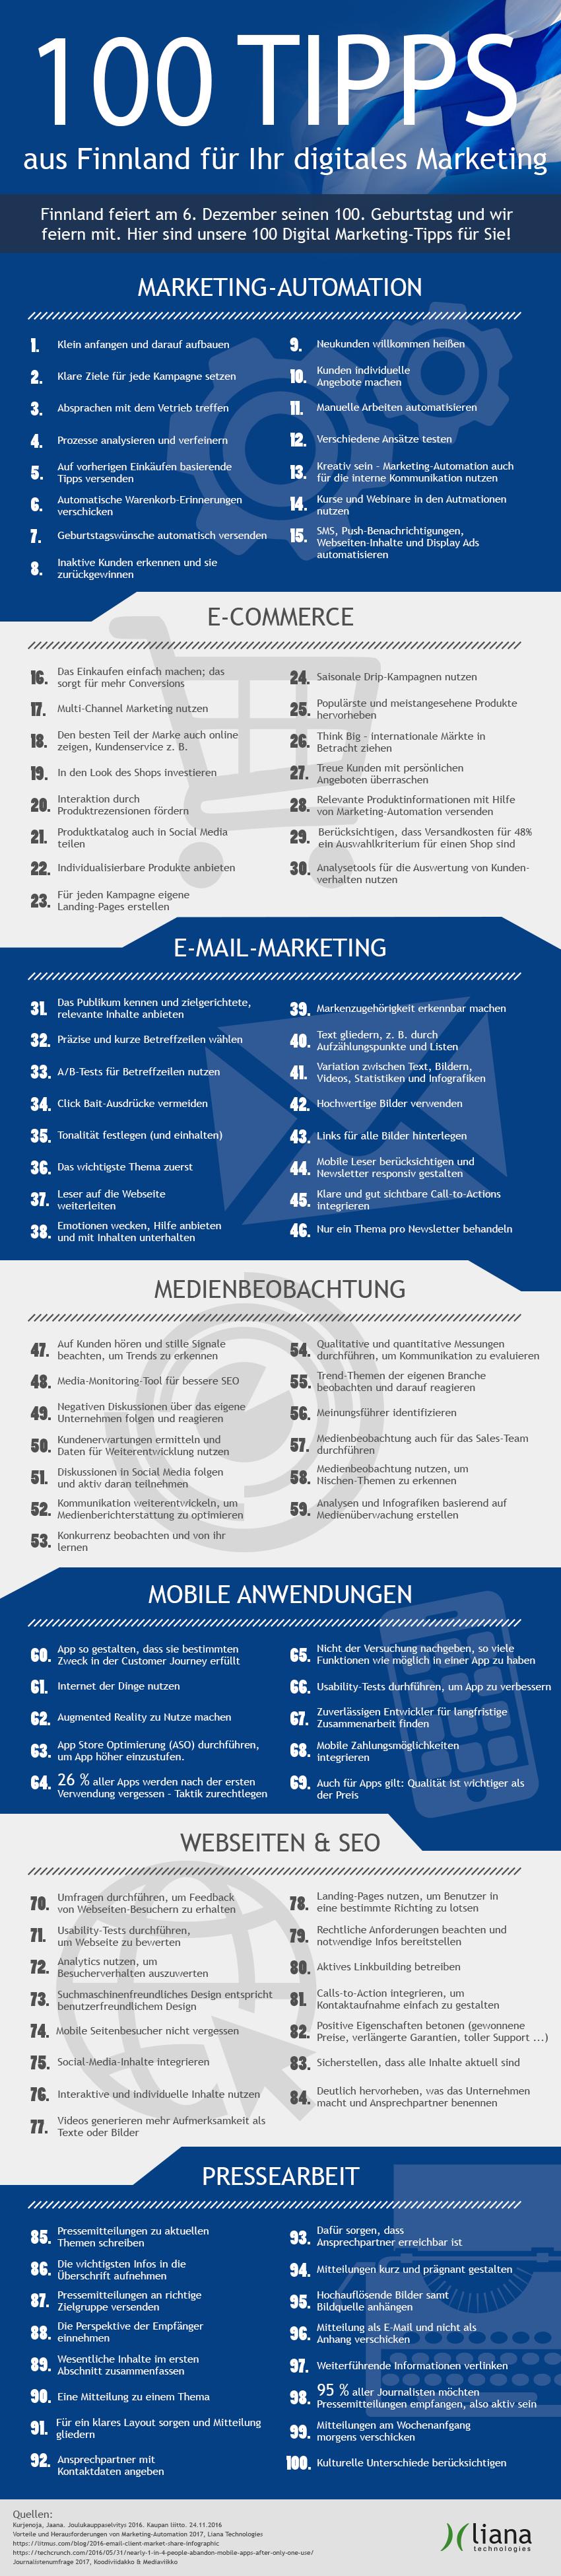 Wir haben 100 Digital Marketing Tipps zusammengestellt